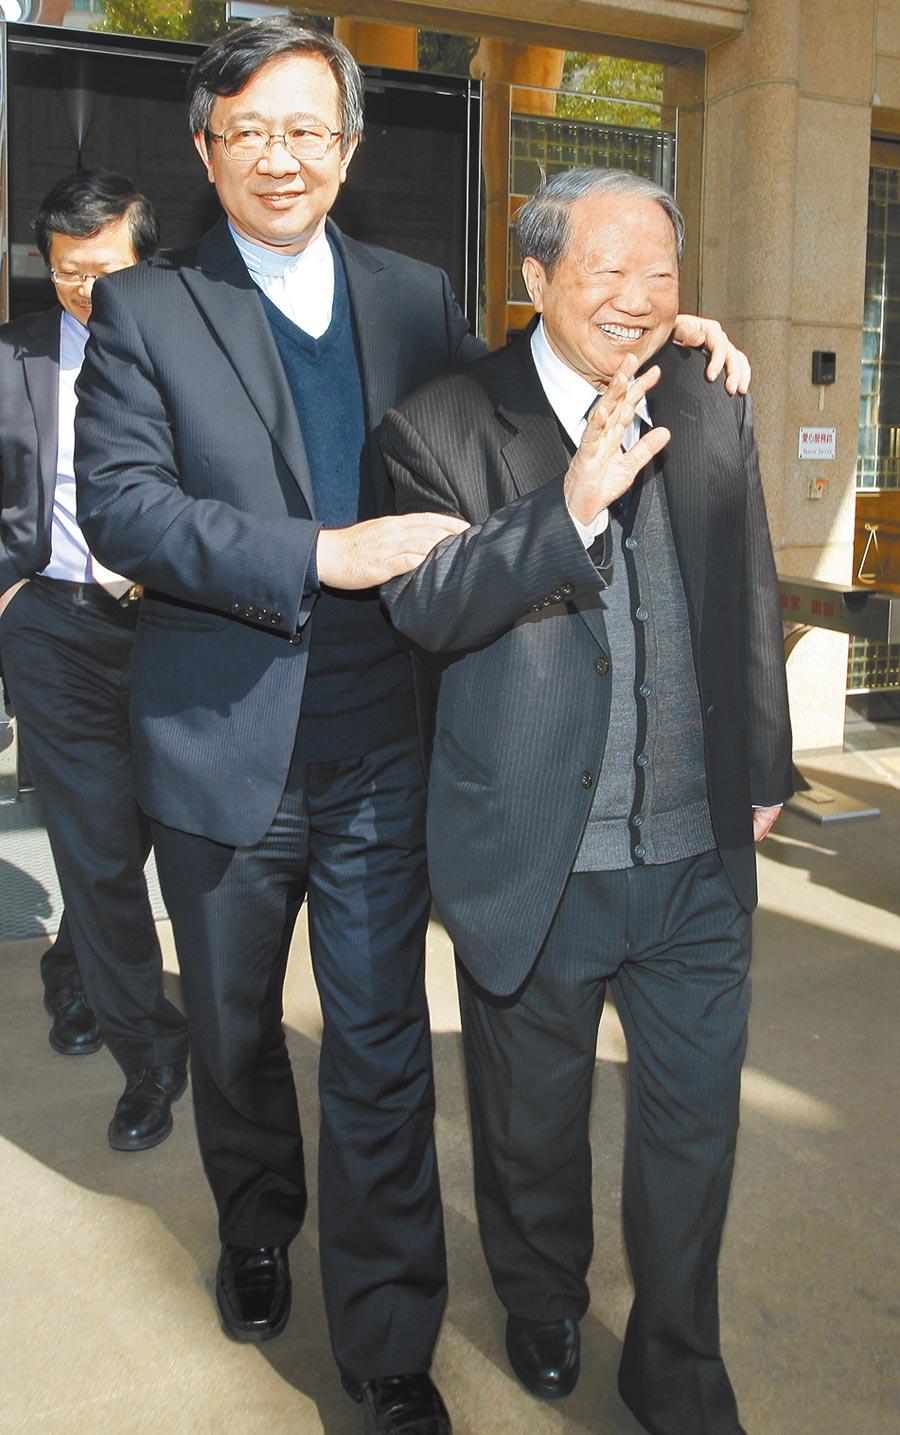 2012年1月17日,台灣高等法院審理太平洋集團章民強(右)要求返還太流公司股票案17日更一審宣判,高院合議庭認定李恆隆持有的SOGO股票是太百出資擁有,他與兒子章啟明(左)聆聽判決後強調並沒有輸,只是還有爭議點要查清楚再上訴。(本報資料照片)